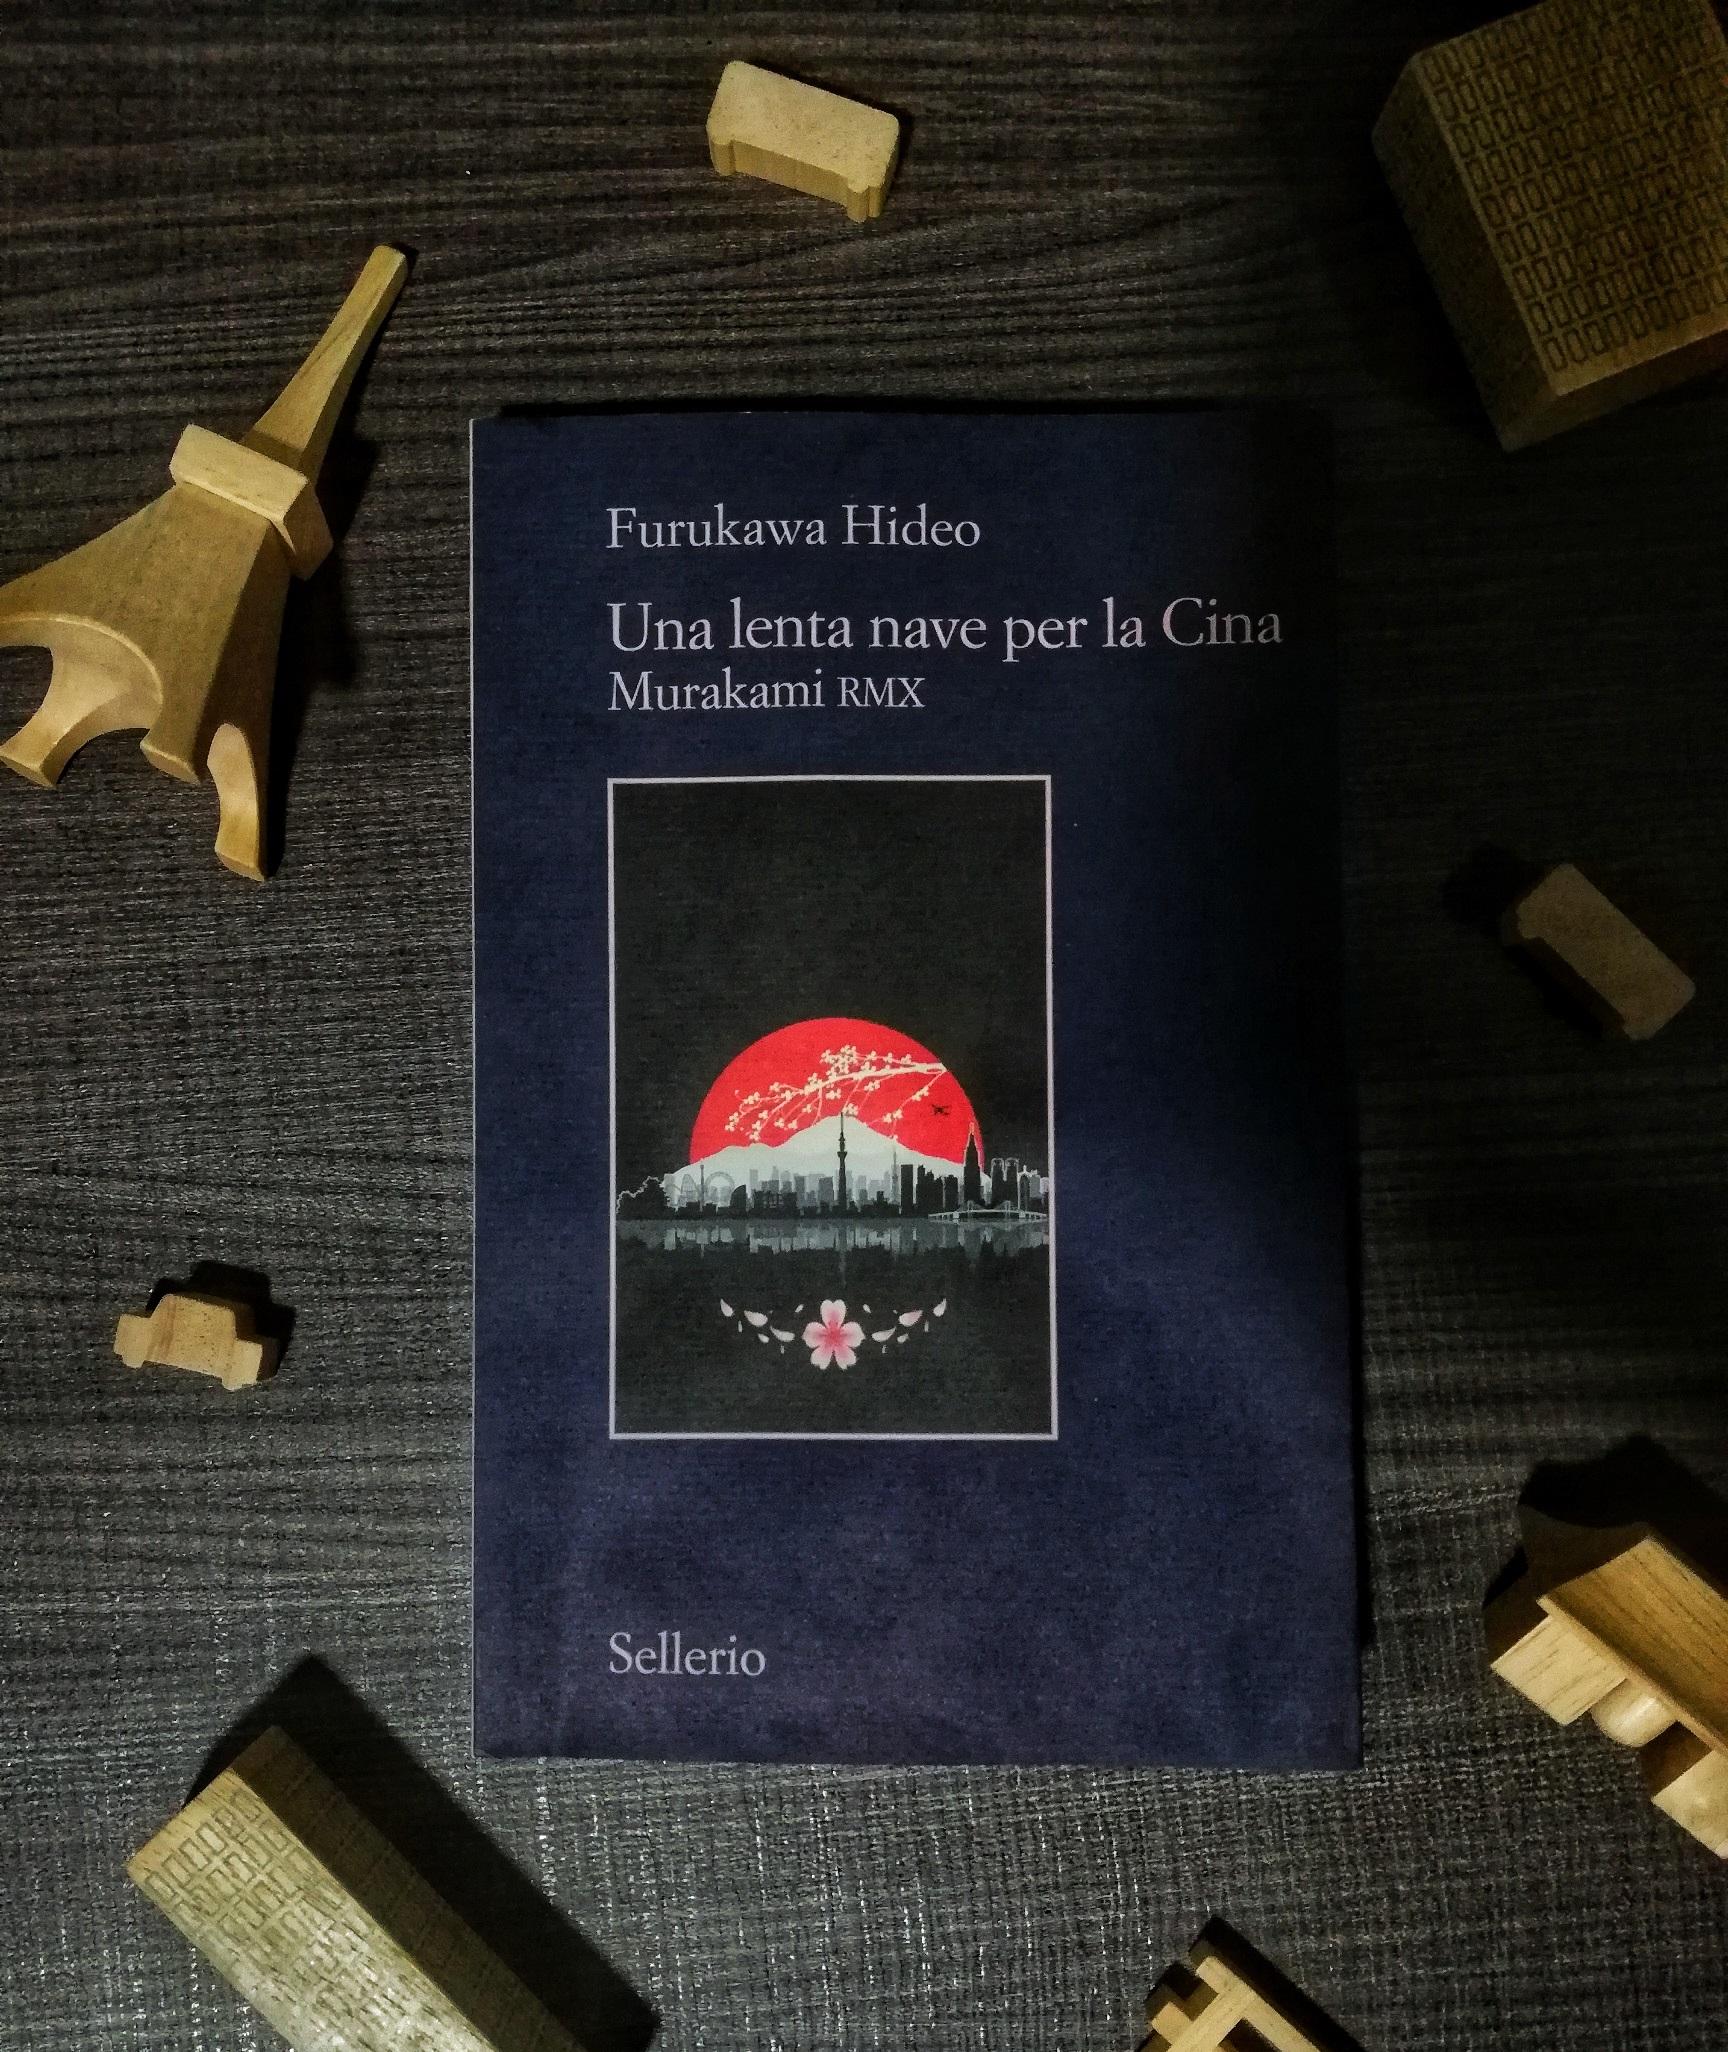 Furukawa Hideo Una lenta nave per la Cina